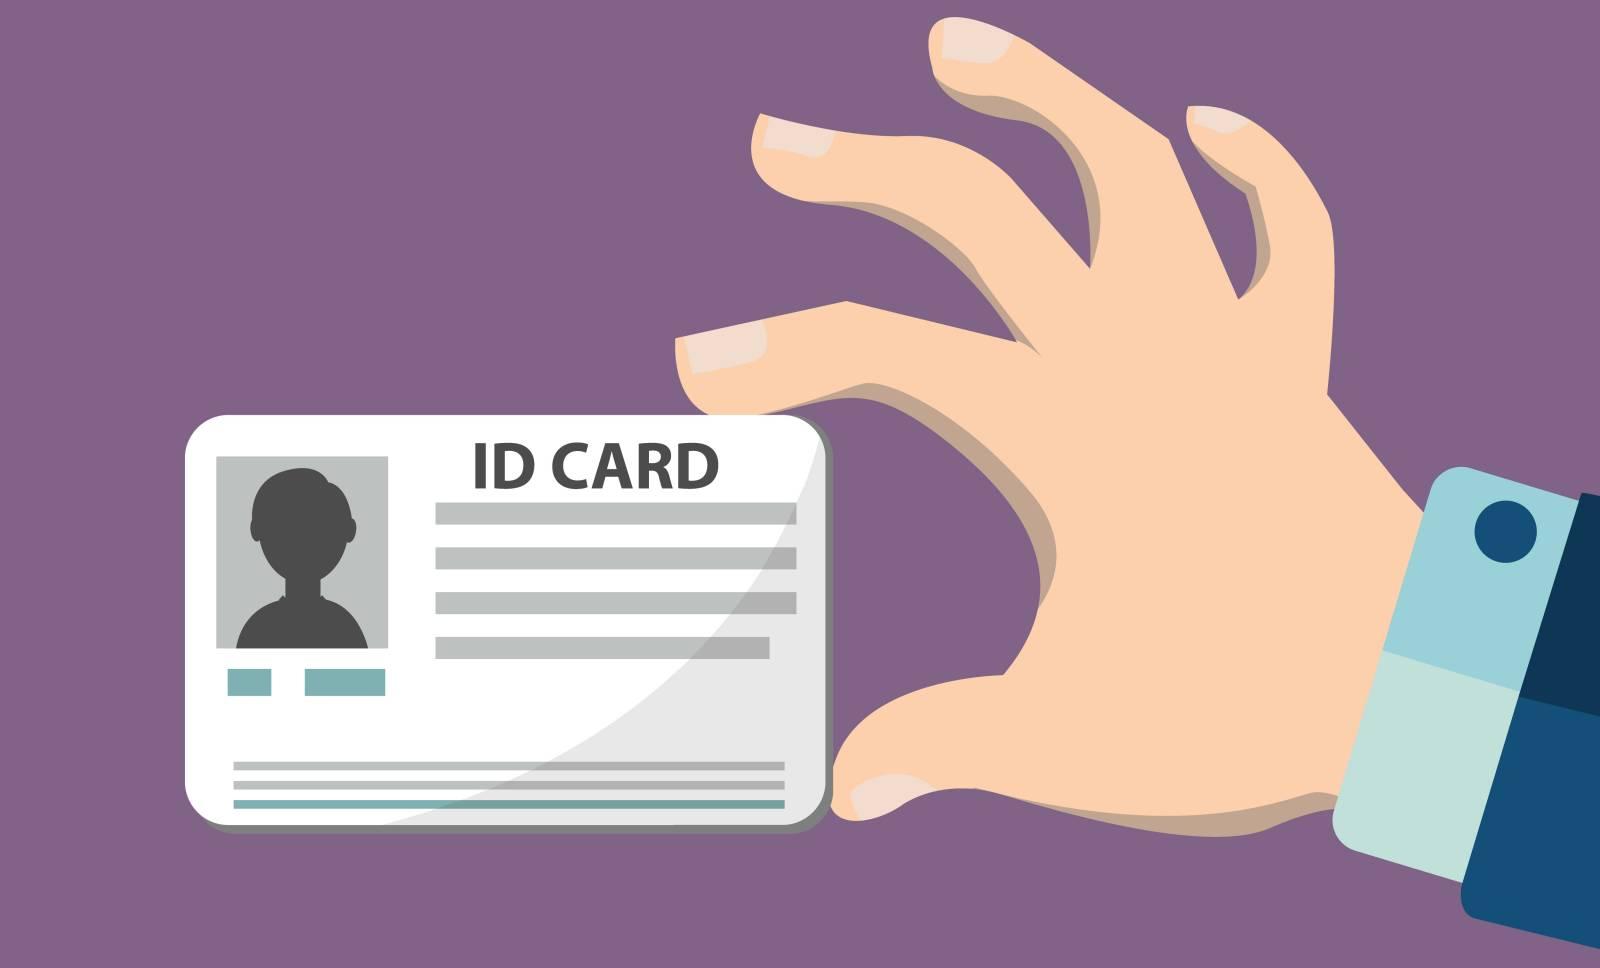 Cartile de Identitate cu Cip amprente